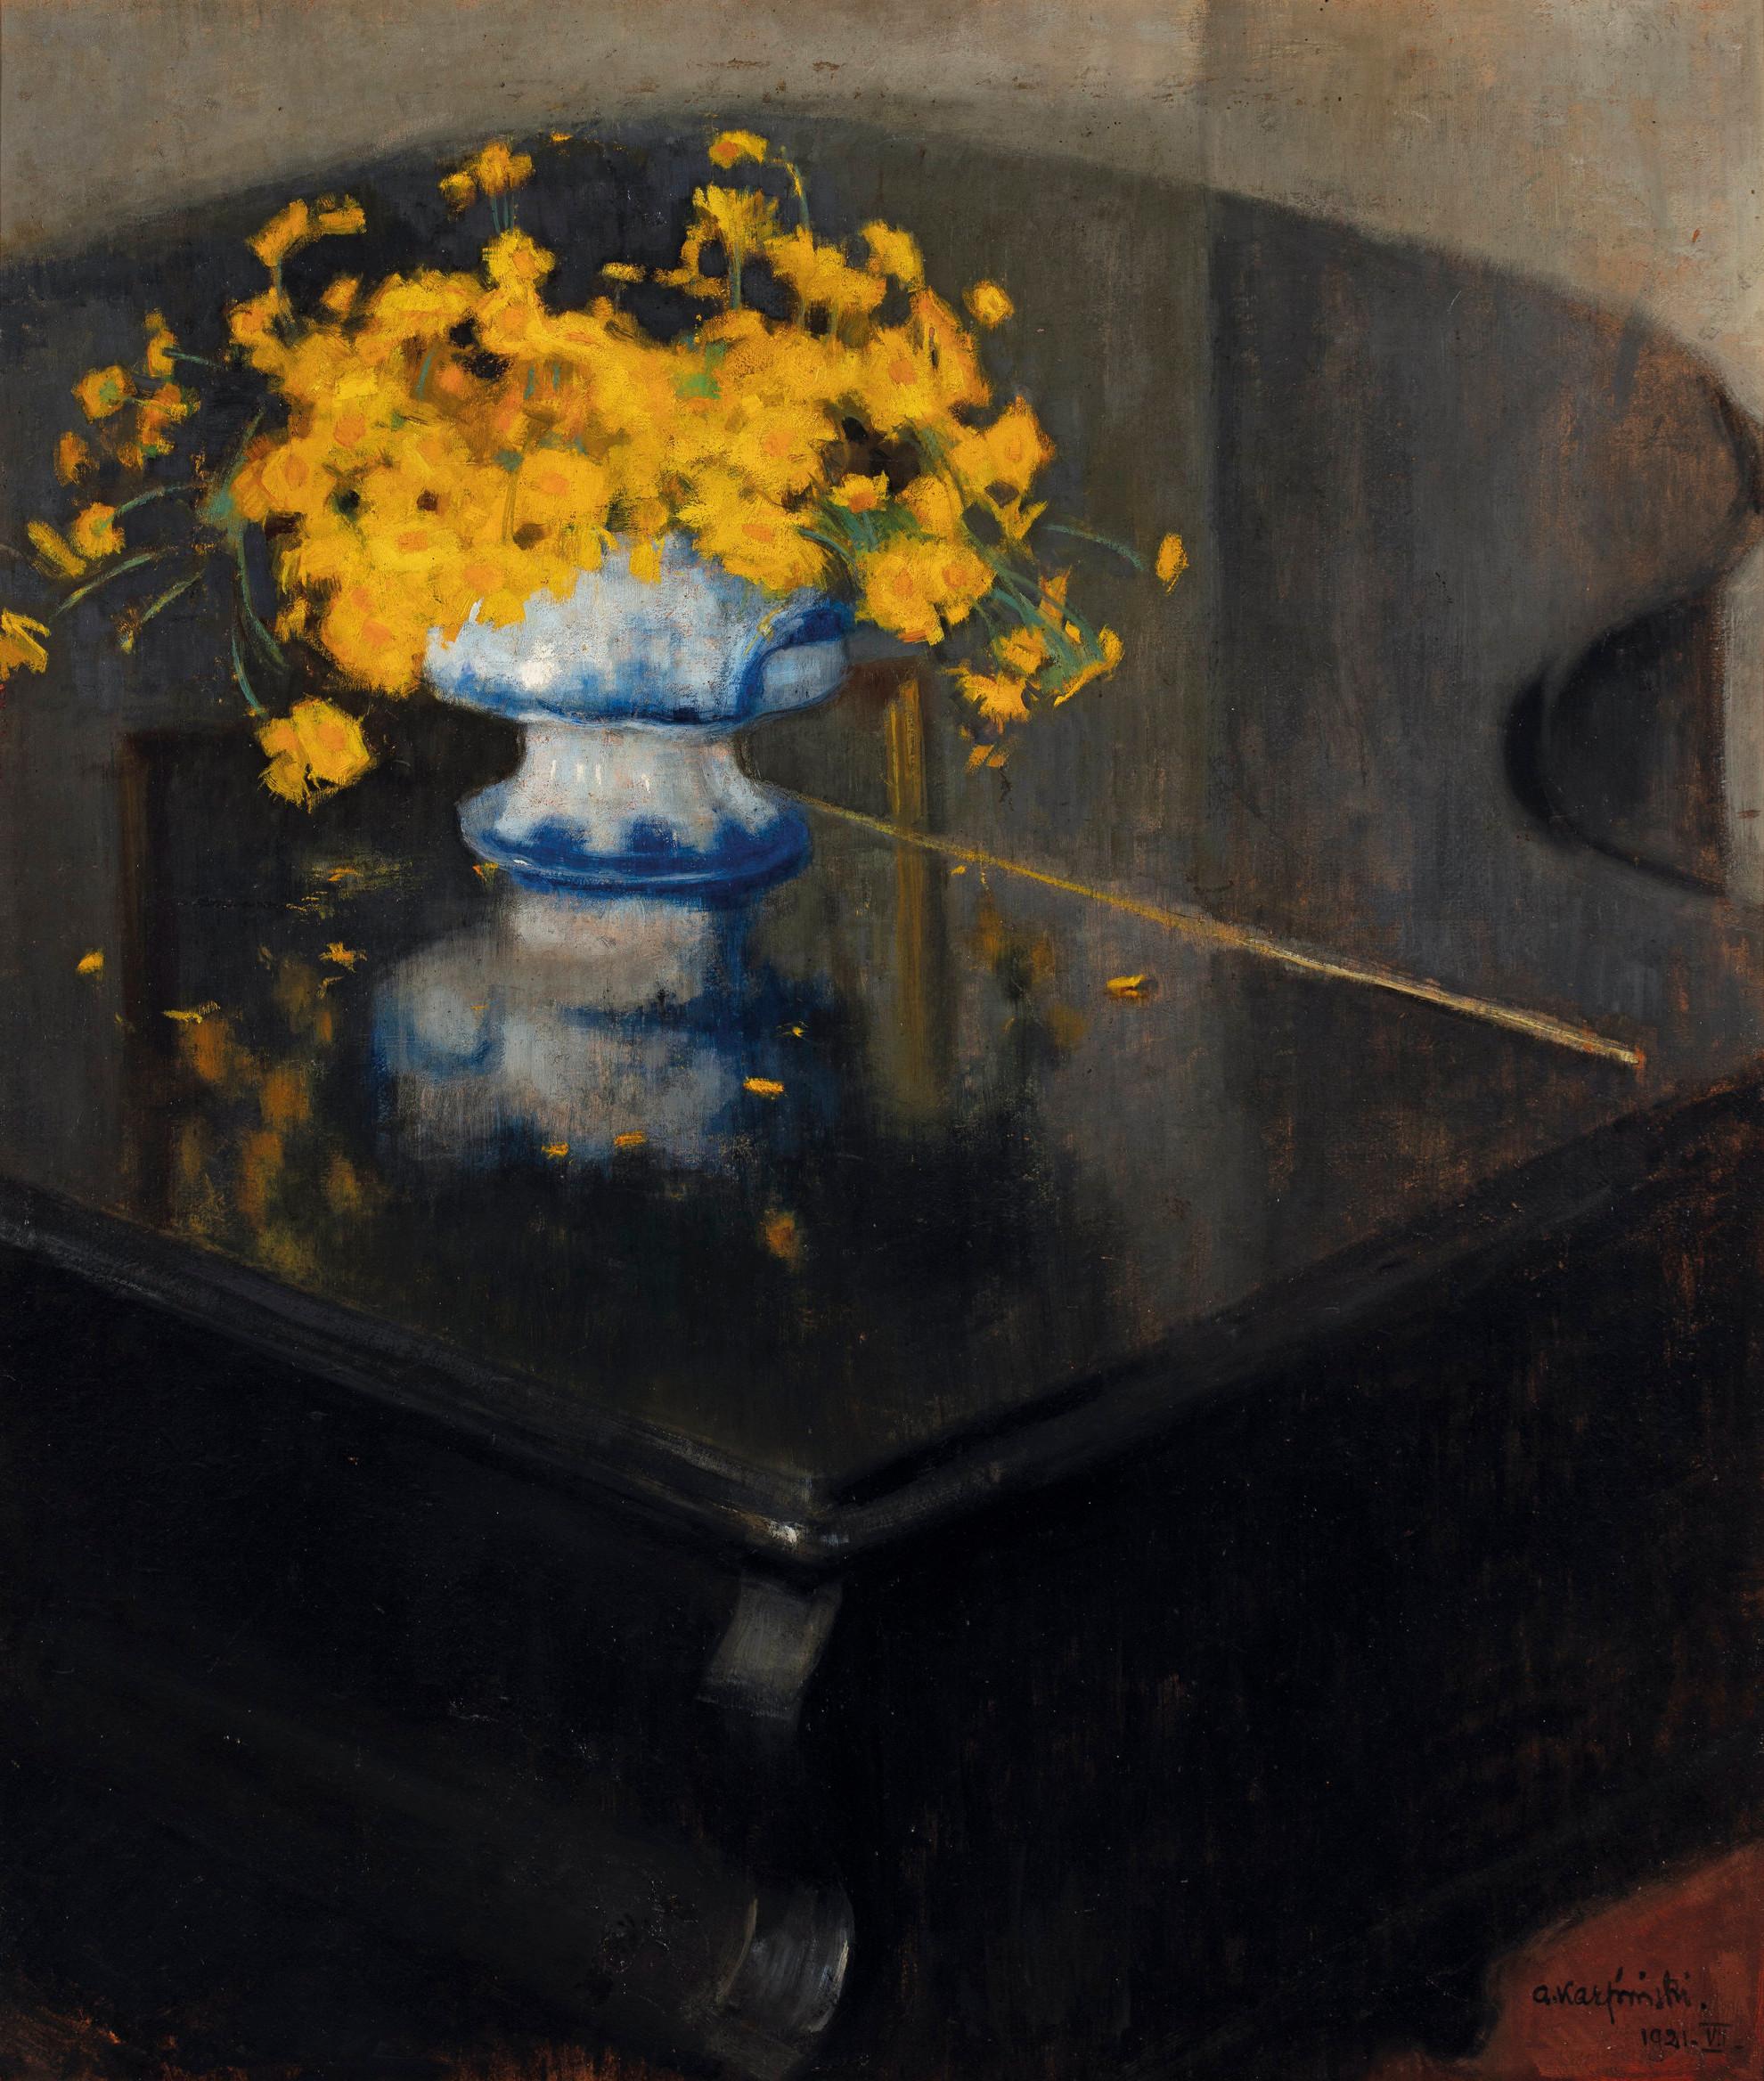 """Alfons Karpiński (1875 - 1961) """"Żółte kwiaty na fortepianie"""", 1921 rok, źródło: Muzeum Narodowe w Warszawie"""